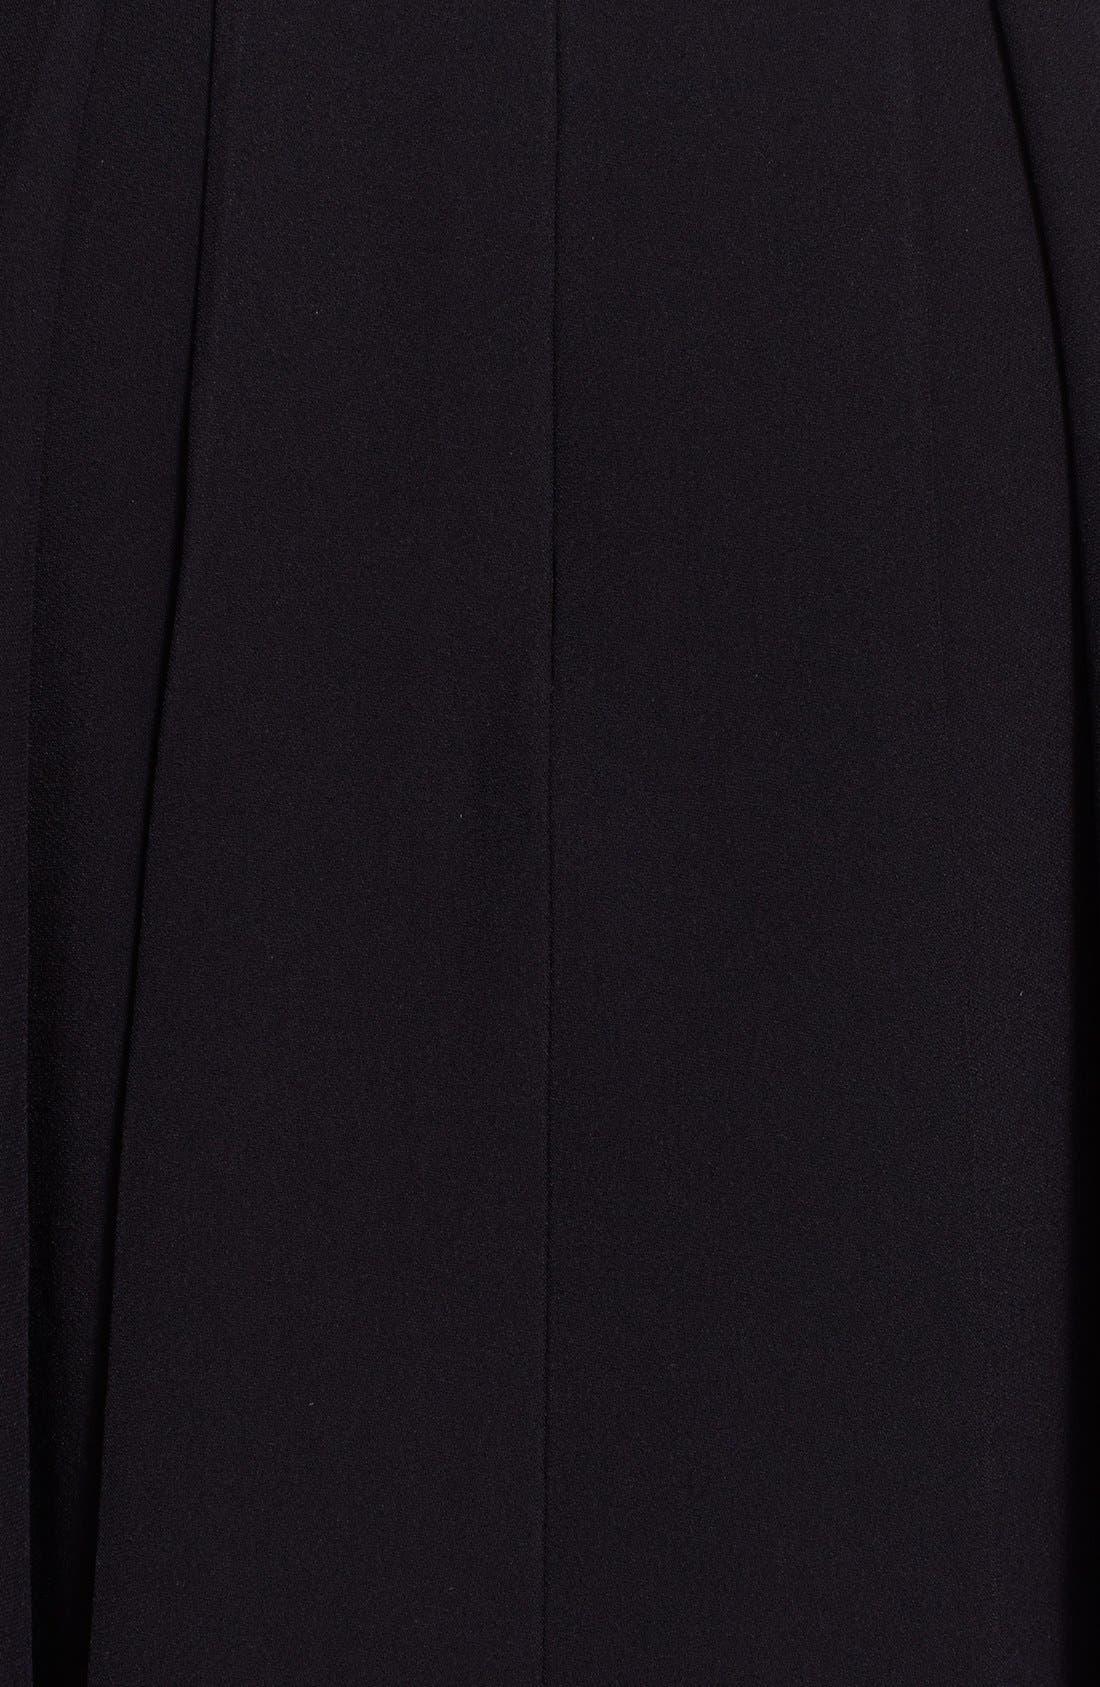 Alternate Image 3  - Alexander McQueen Pleat Flared Skirt